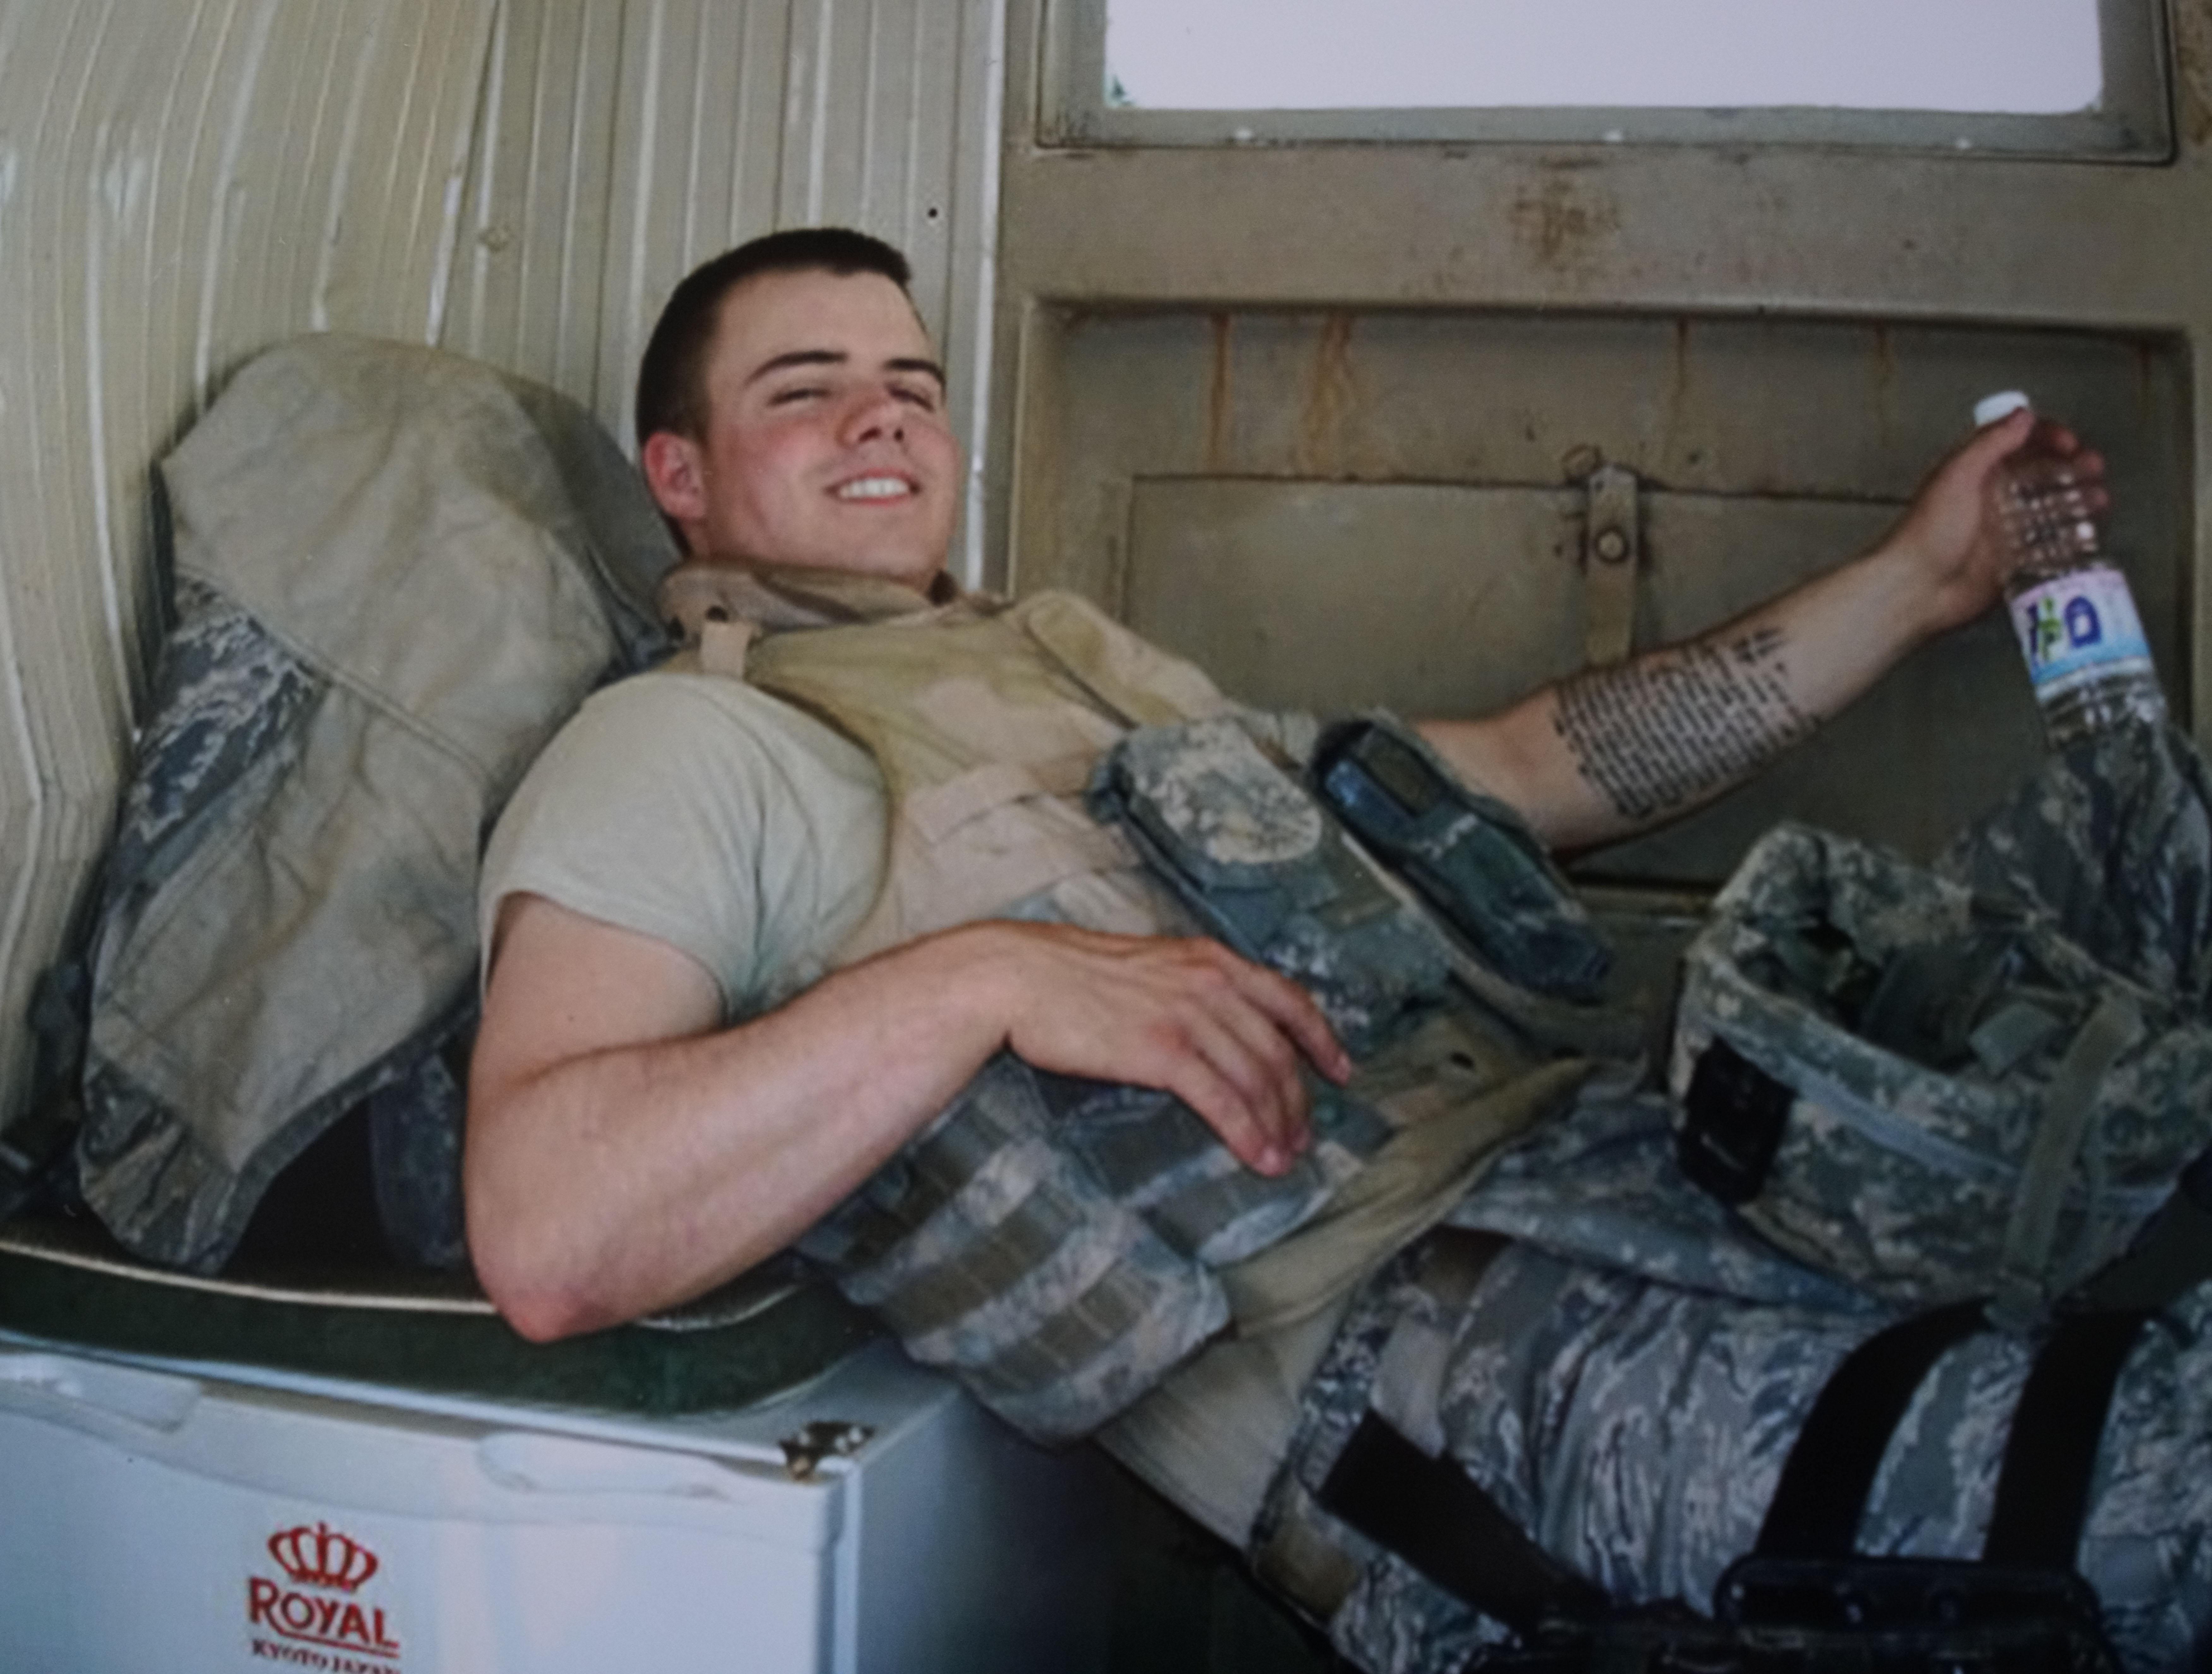 Iraq War vet served in 'Mortar-Rita-Ville,' guarded